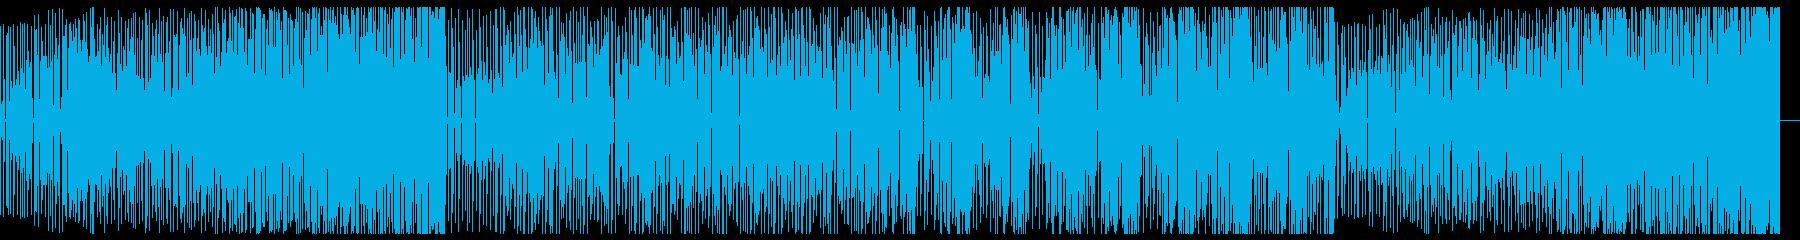 スタイリッシュなDeep Houseの再生済みの波形